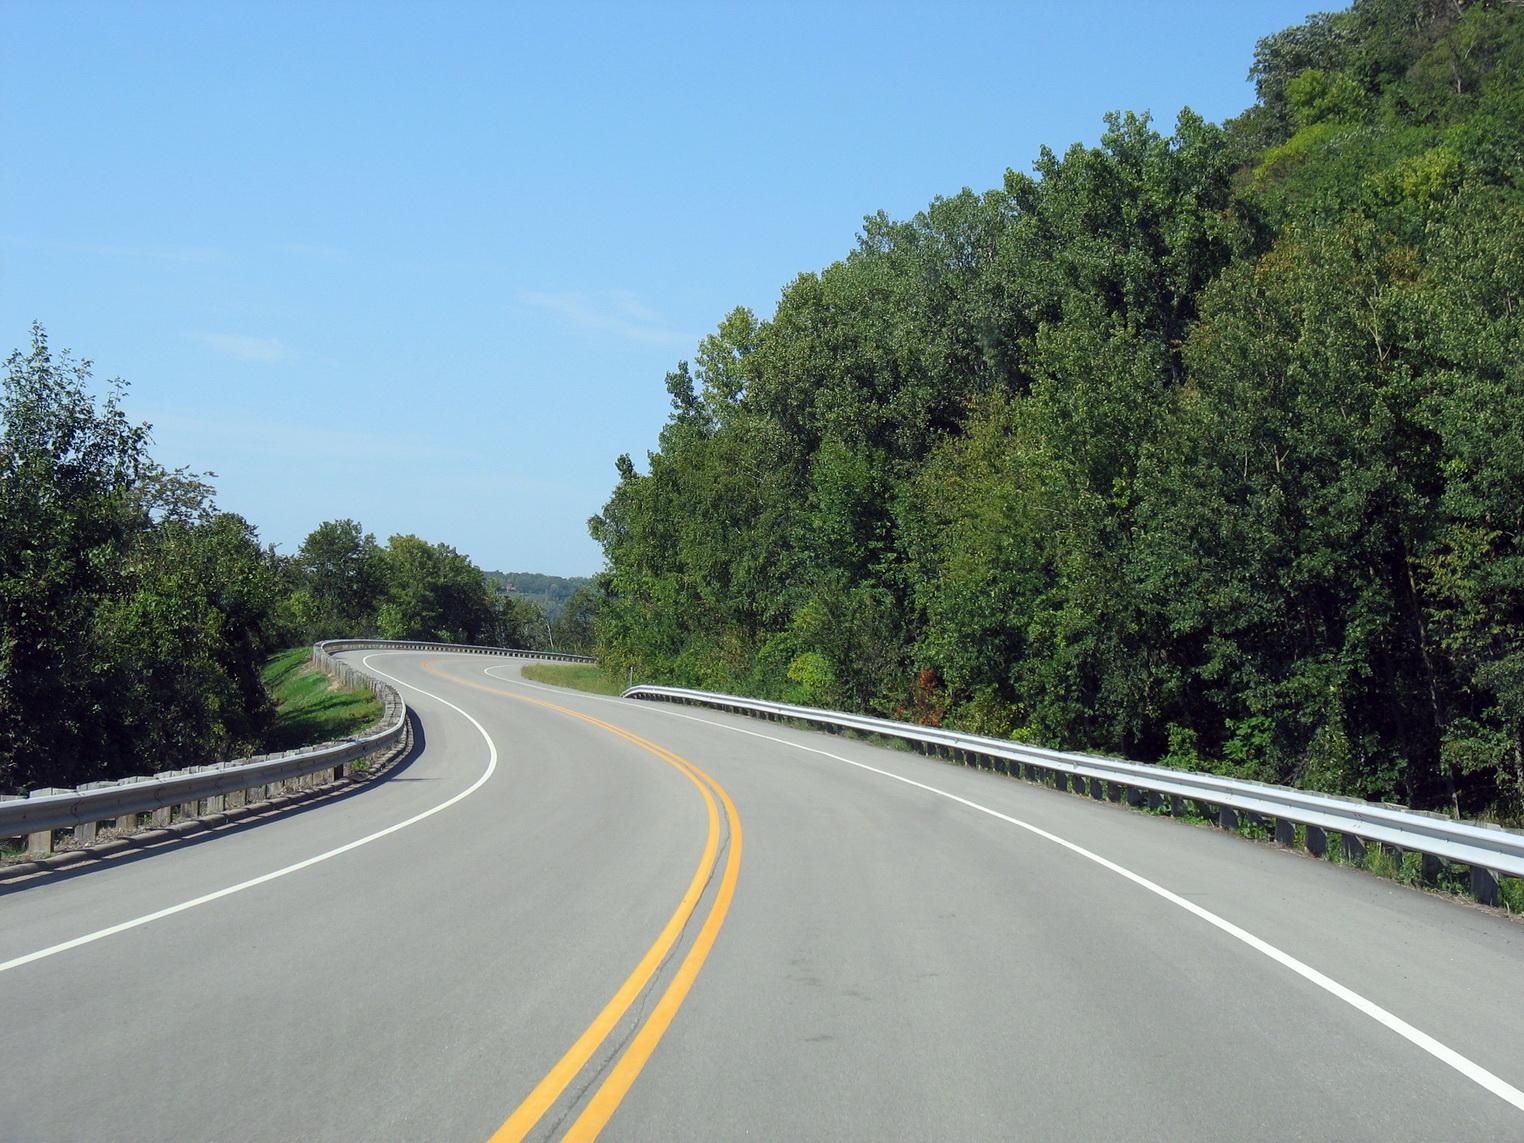 У области есть транспортный потенциал, но нет денег на его развитие